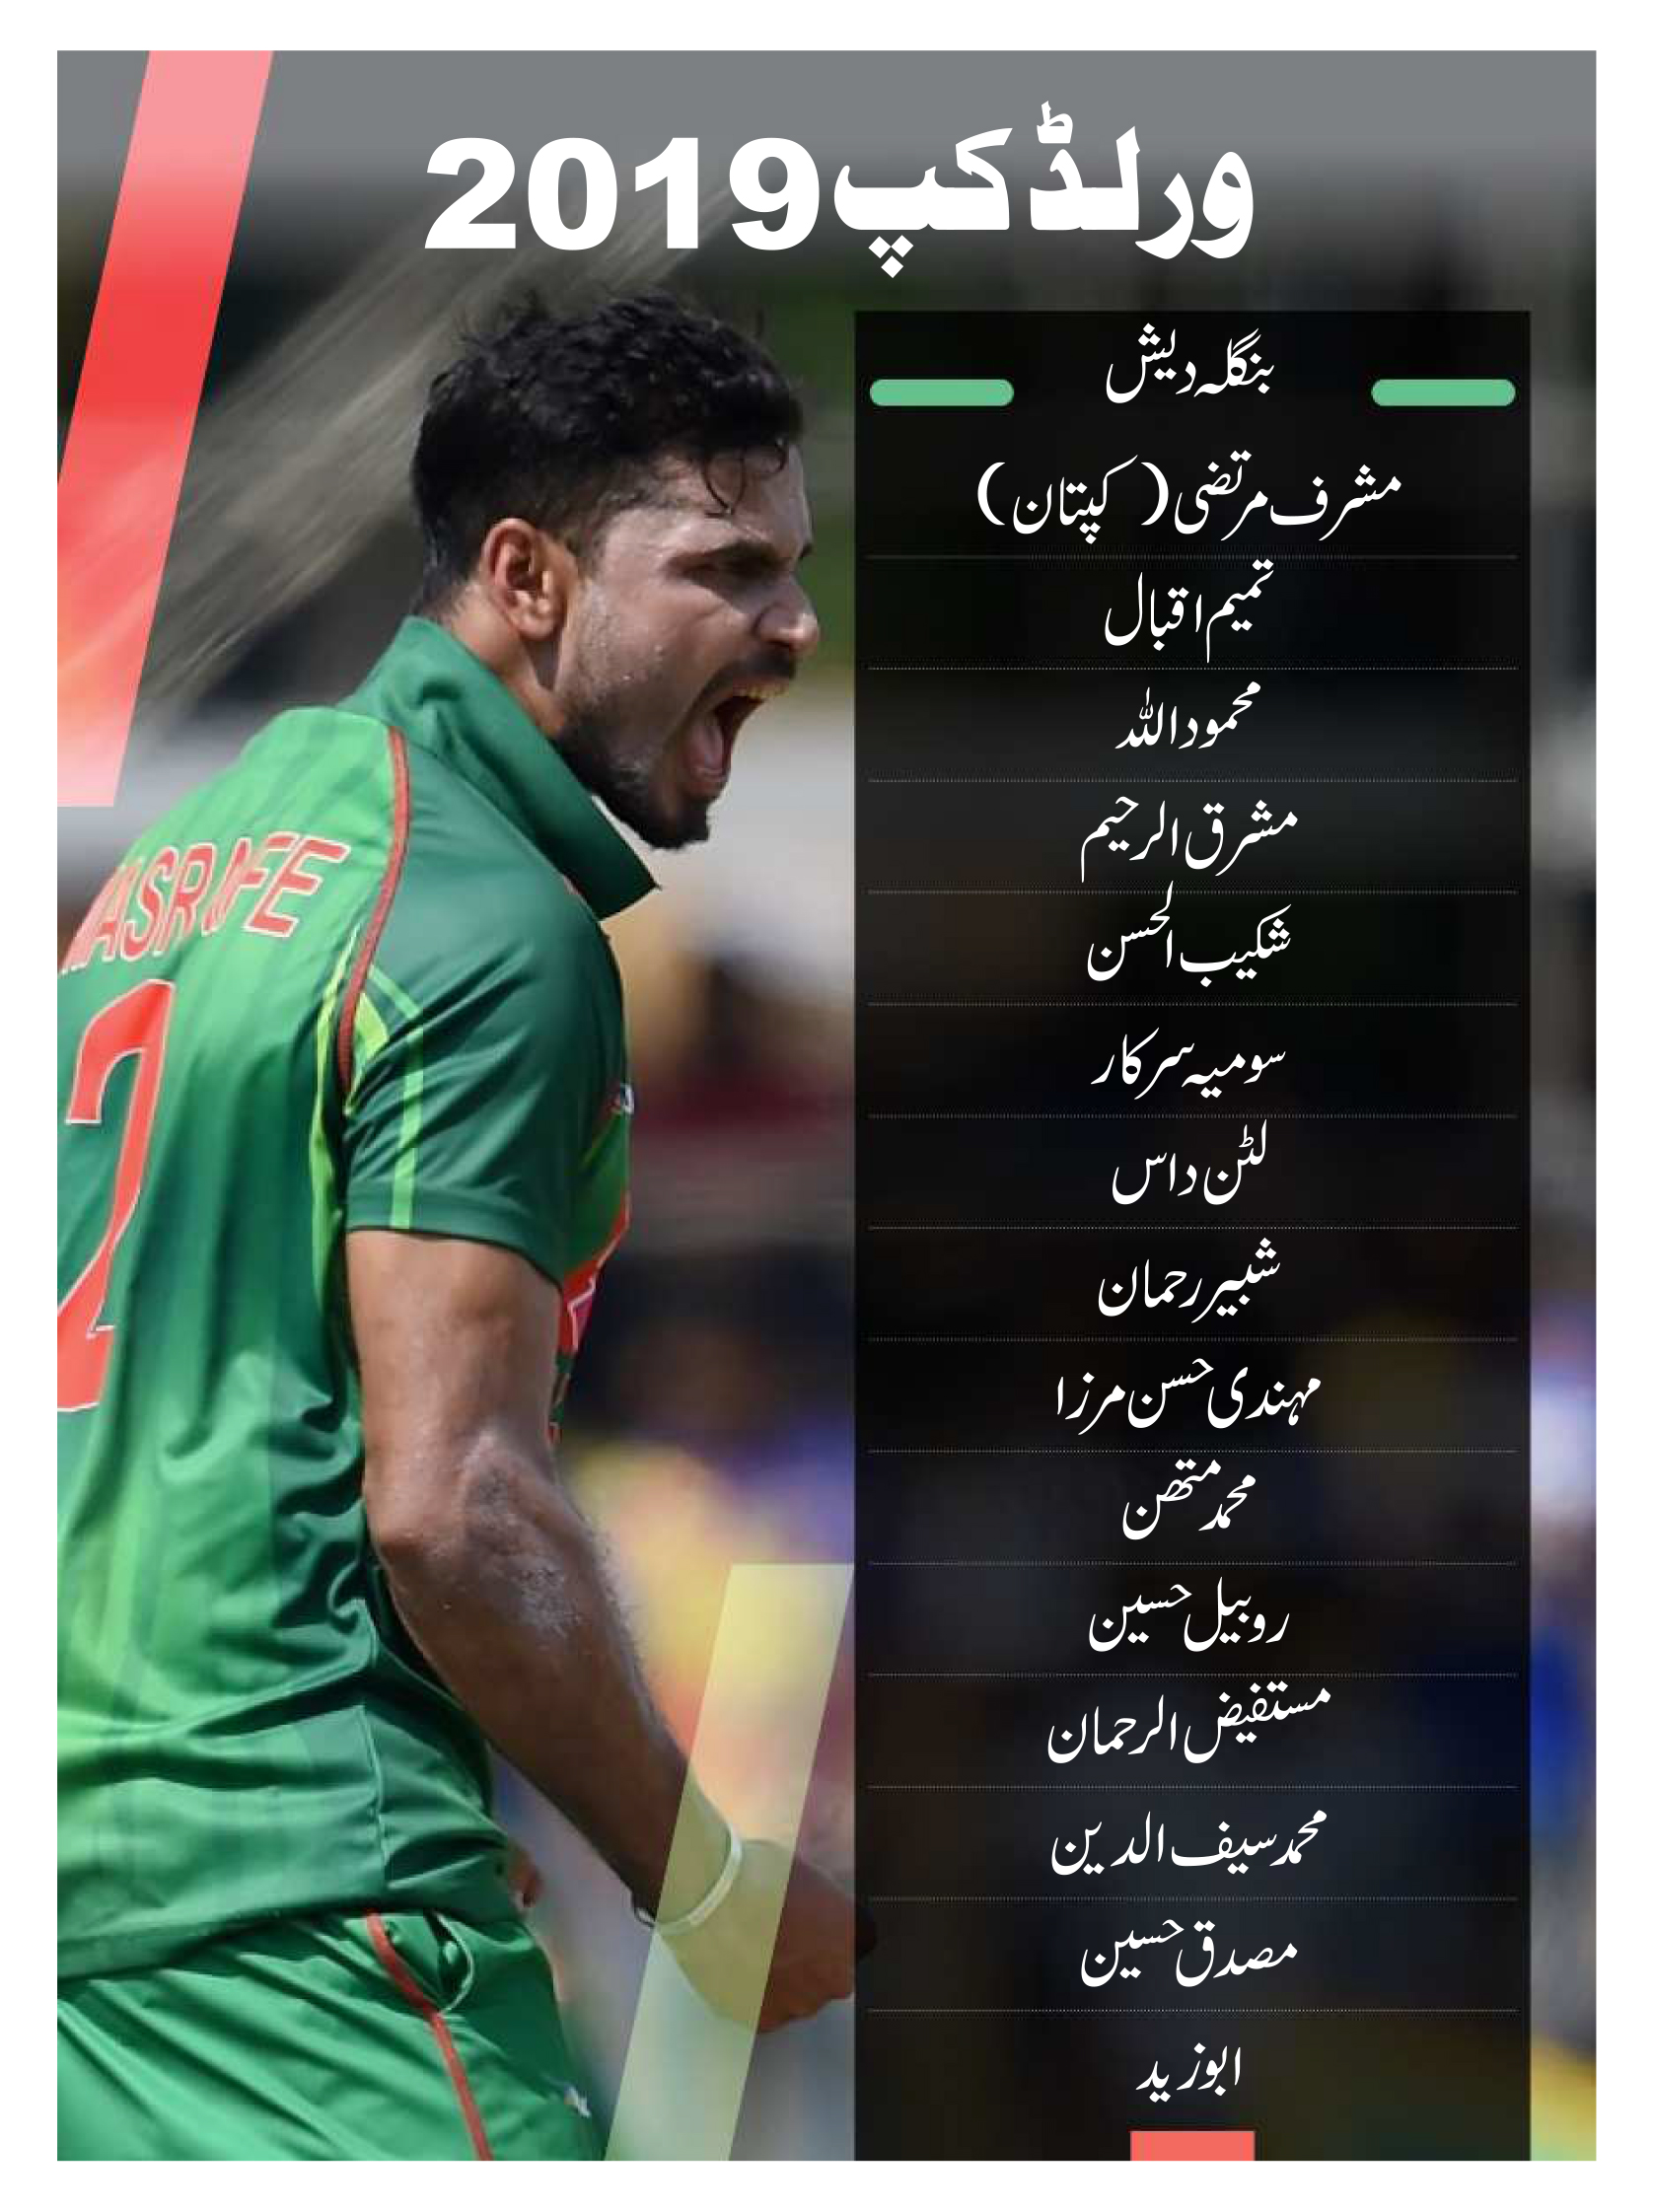 بنگلہ دیش کی مضبوط ٹیم ورلڈ کپ میں کوئی بھی بڑا الٹ پھیر کرسکتی ہے ۔ اس ٹیم نے 2015 کے ورلڈ کپ میں کافی اچھی کارکردگی کا مظاہرہ کیا تھا ۔